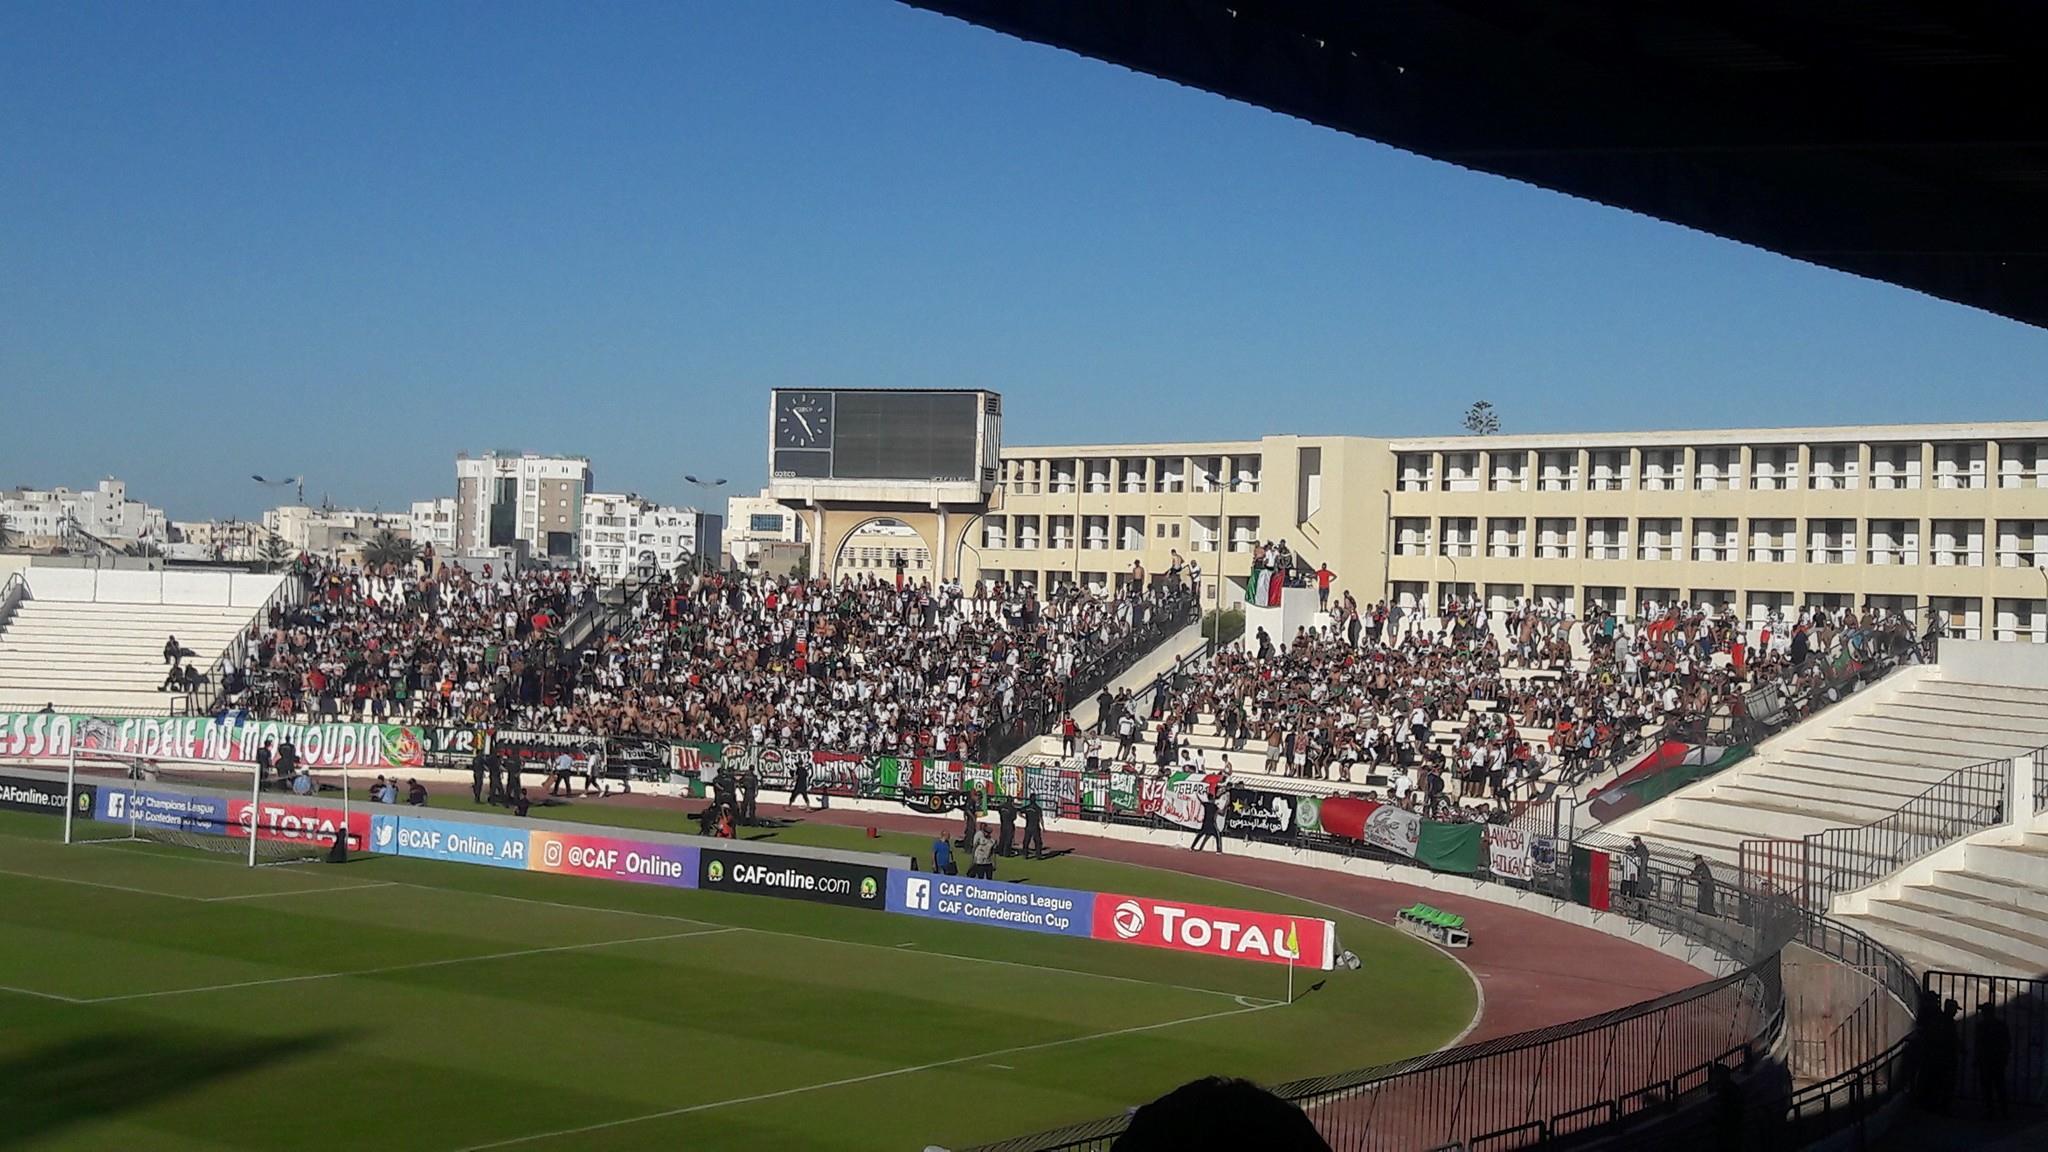 جماهير مولودية الجزائر في ملعب الطيب المهيري بصفاقس